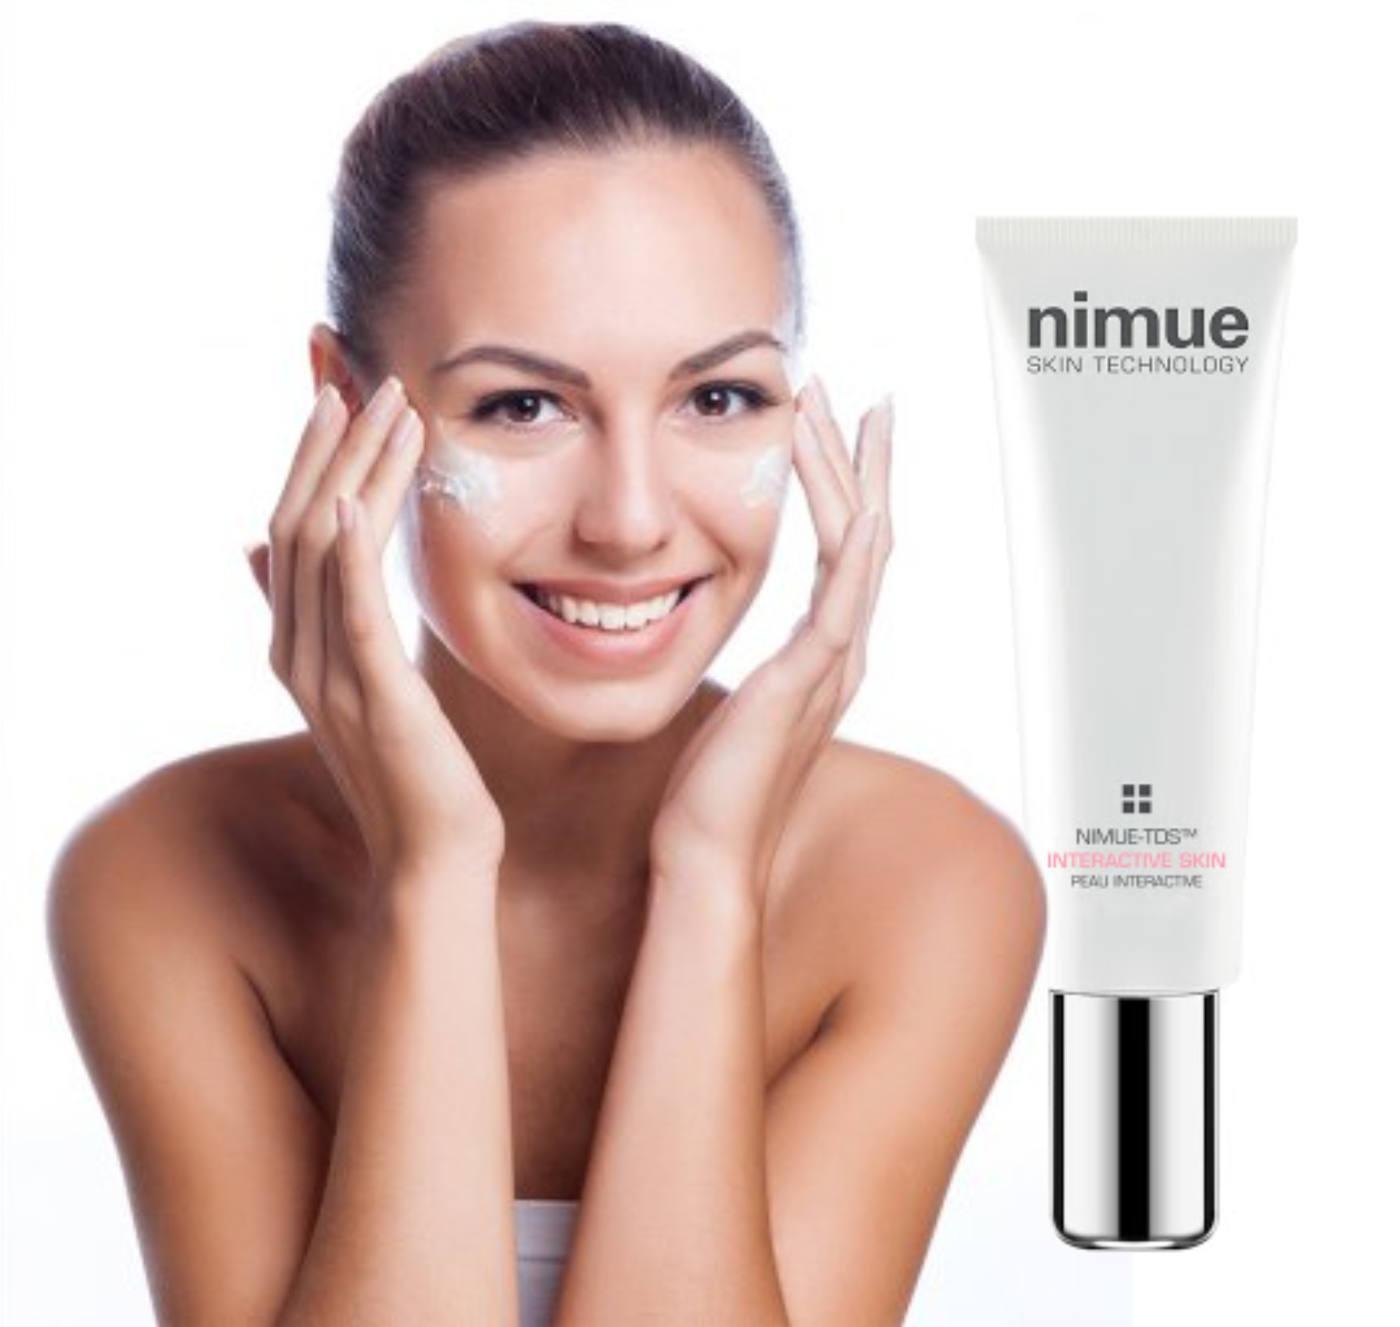 Nieuw product van Nimue: De Starter Kit, verkrijgbaar bij schoonheidssalon Stralend in Hengelo.